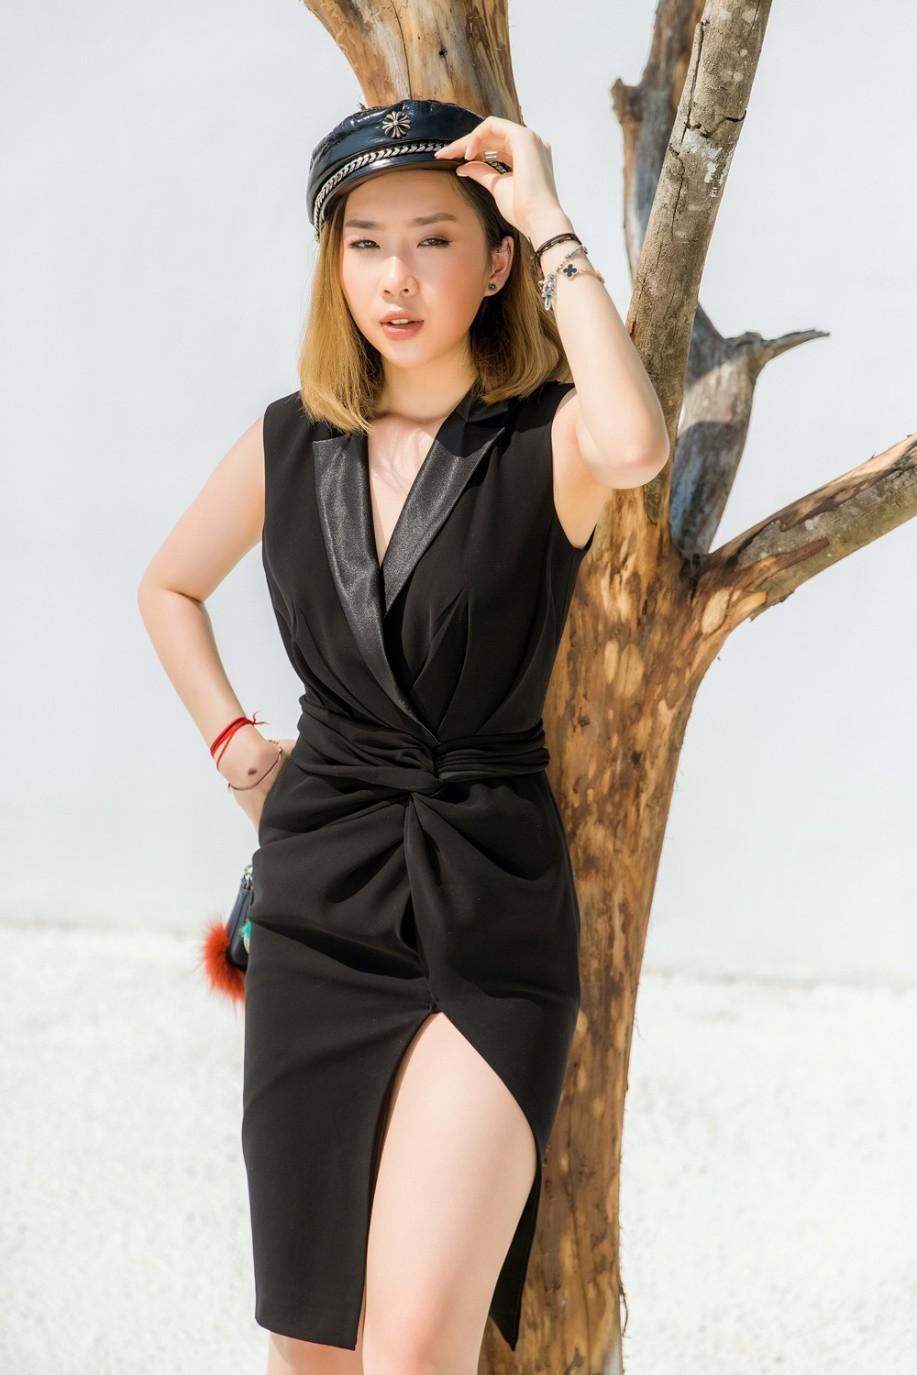 """Gặp gỡ cô nàng du học sinh """"mặc chất"""" như fashionista khiến NTK Văn Thành Công xao xuyến - Ảnh 3."""